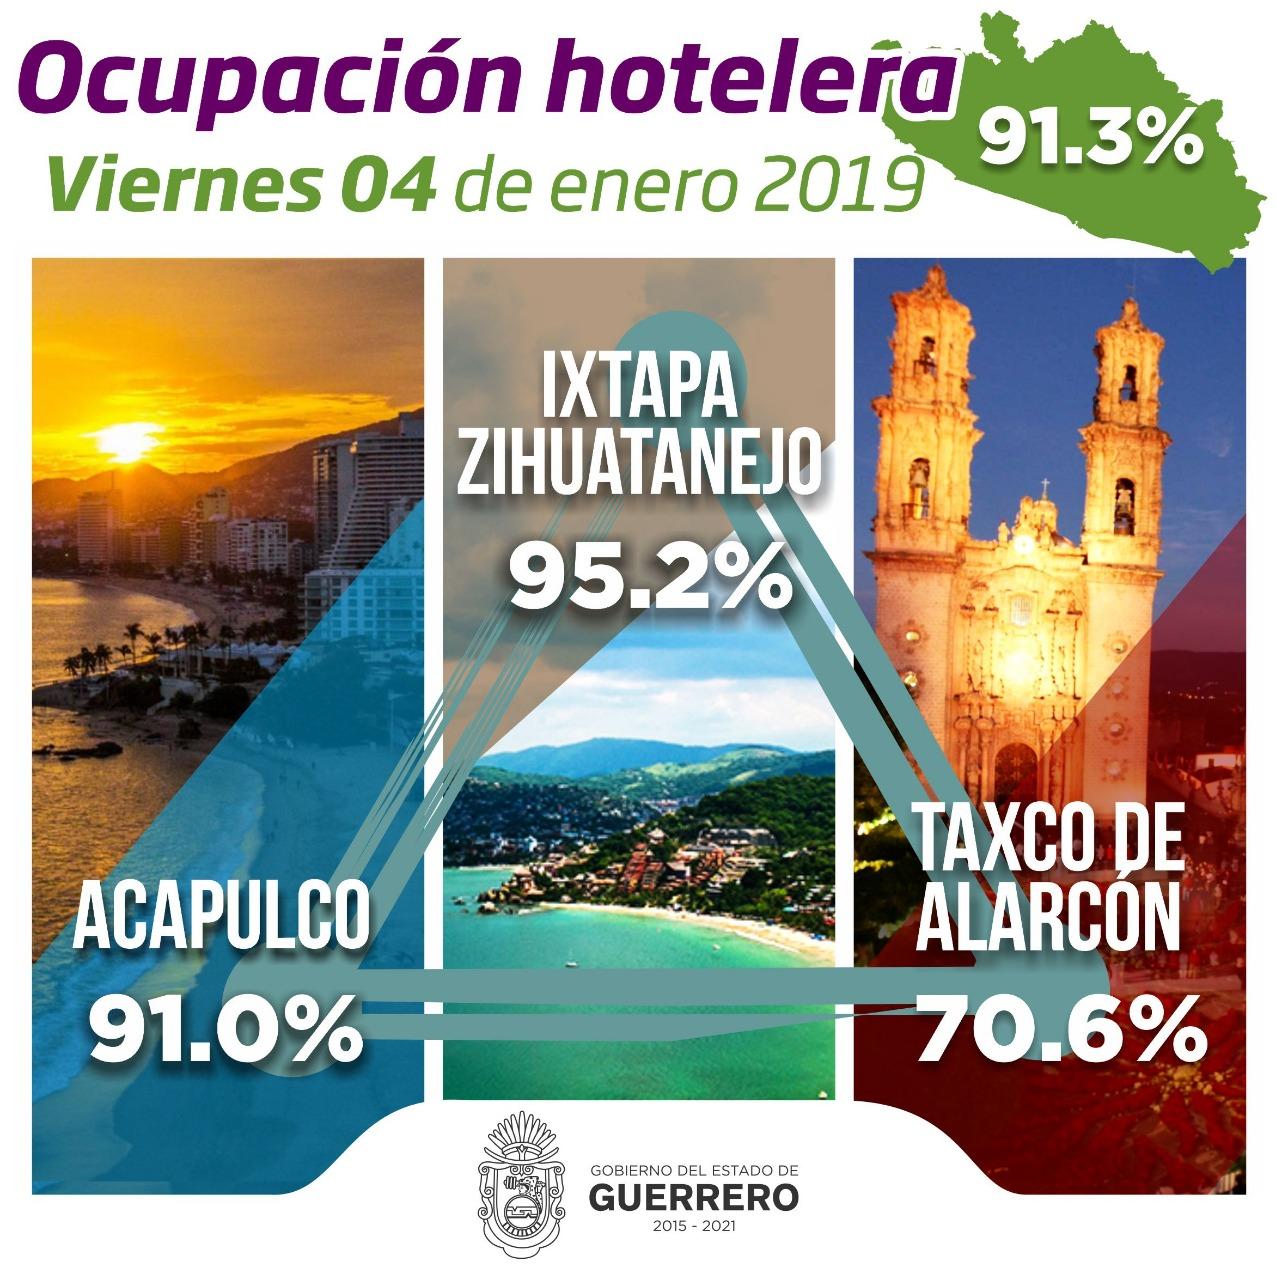 Guerrero por arriba del 91%  en el último fin de semana de vacaciones decembrinas.